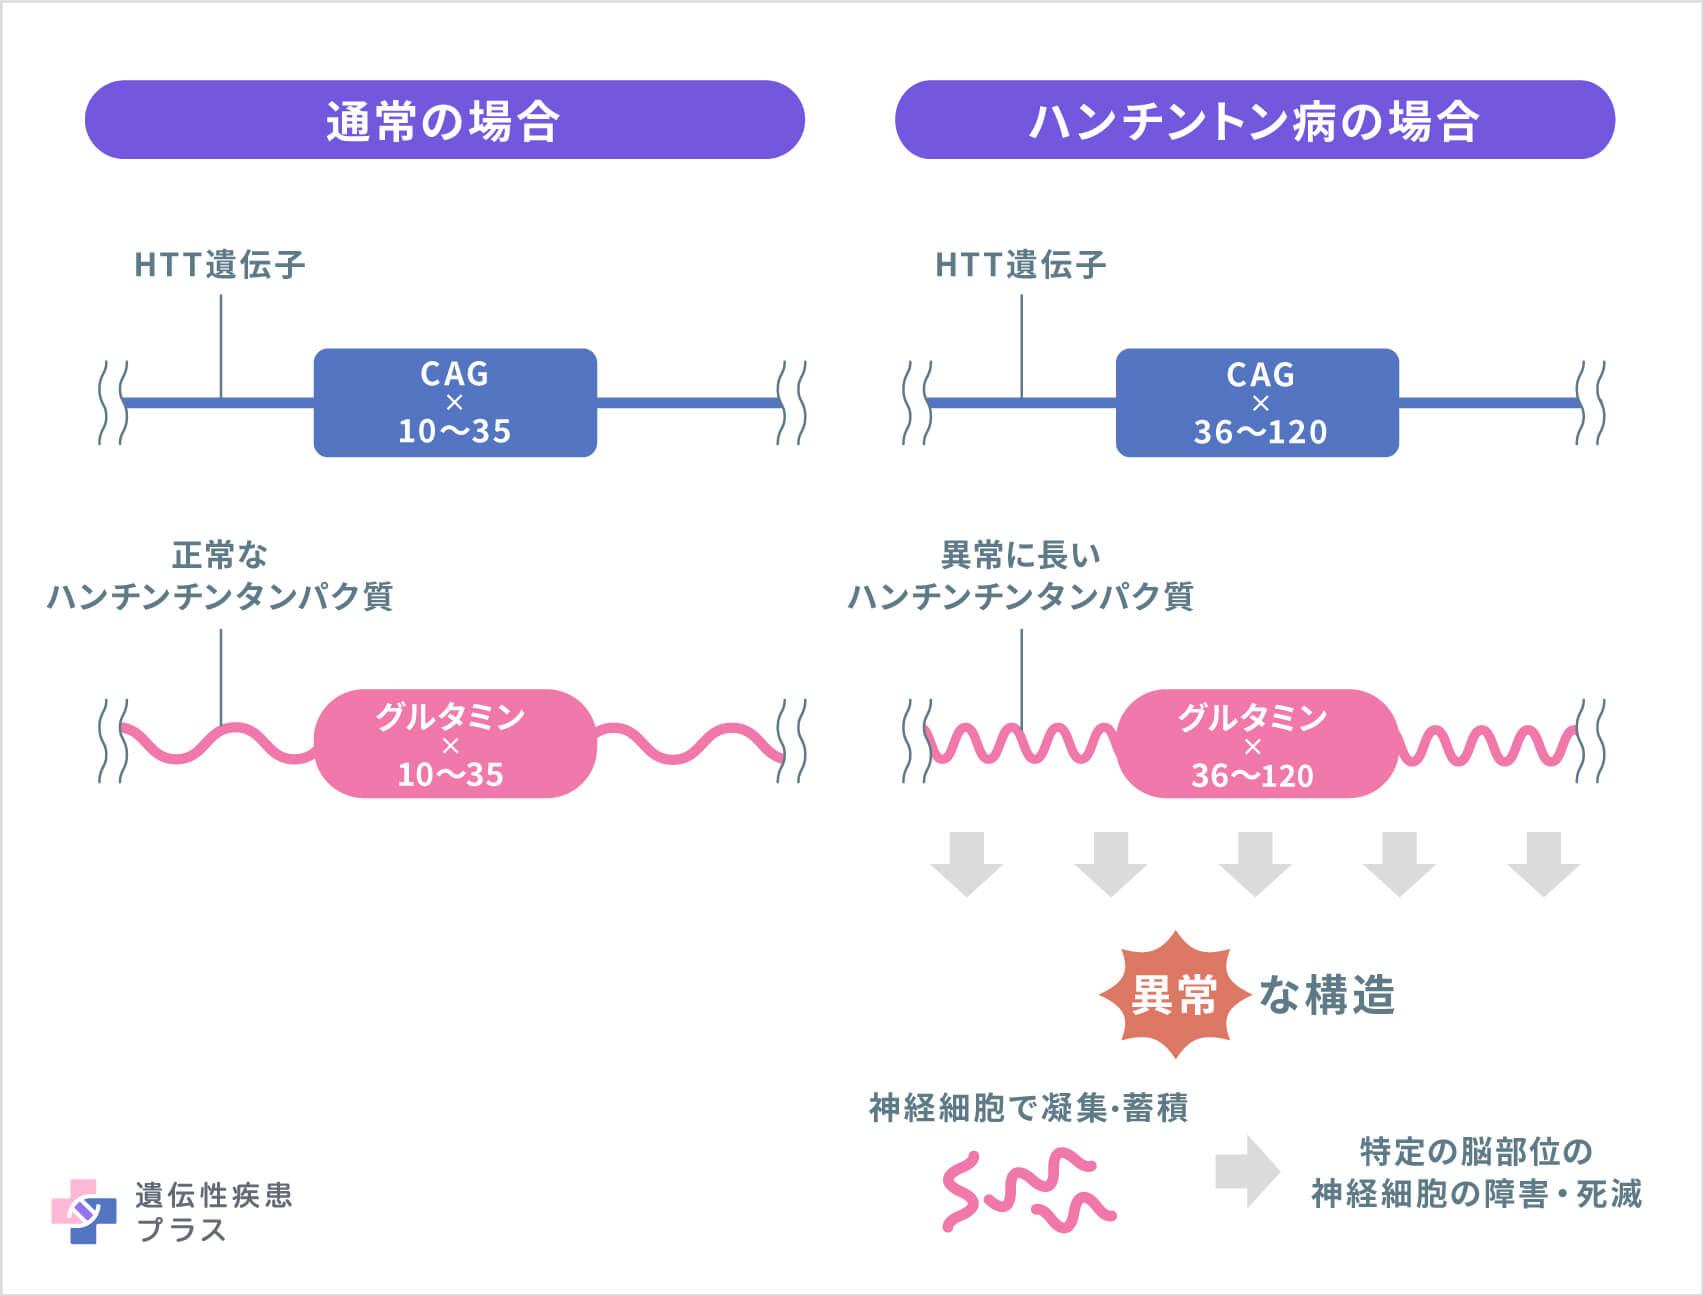 ハンチントン病 - 遺伝性疾患プラス